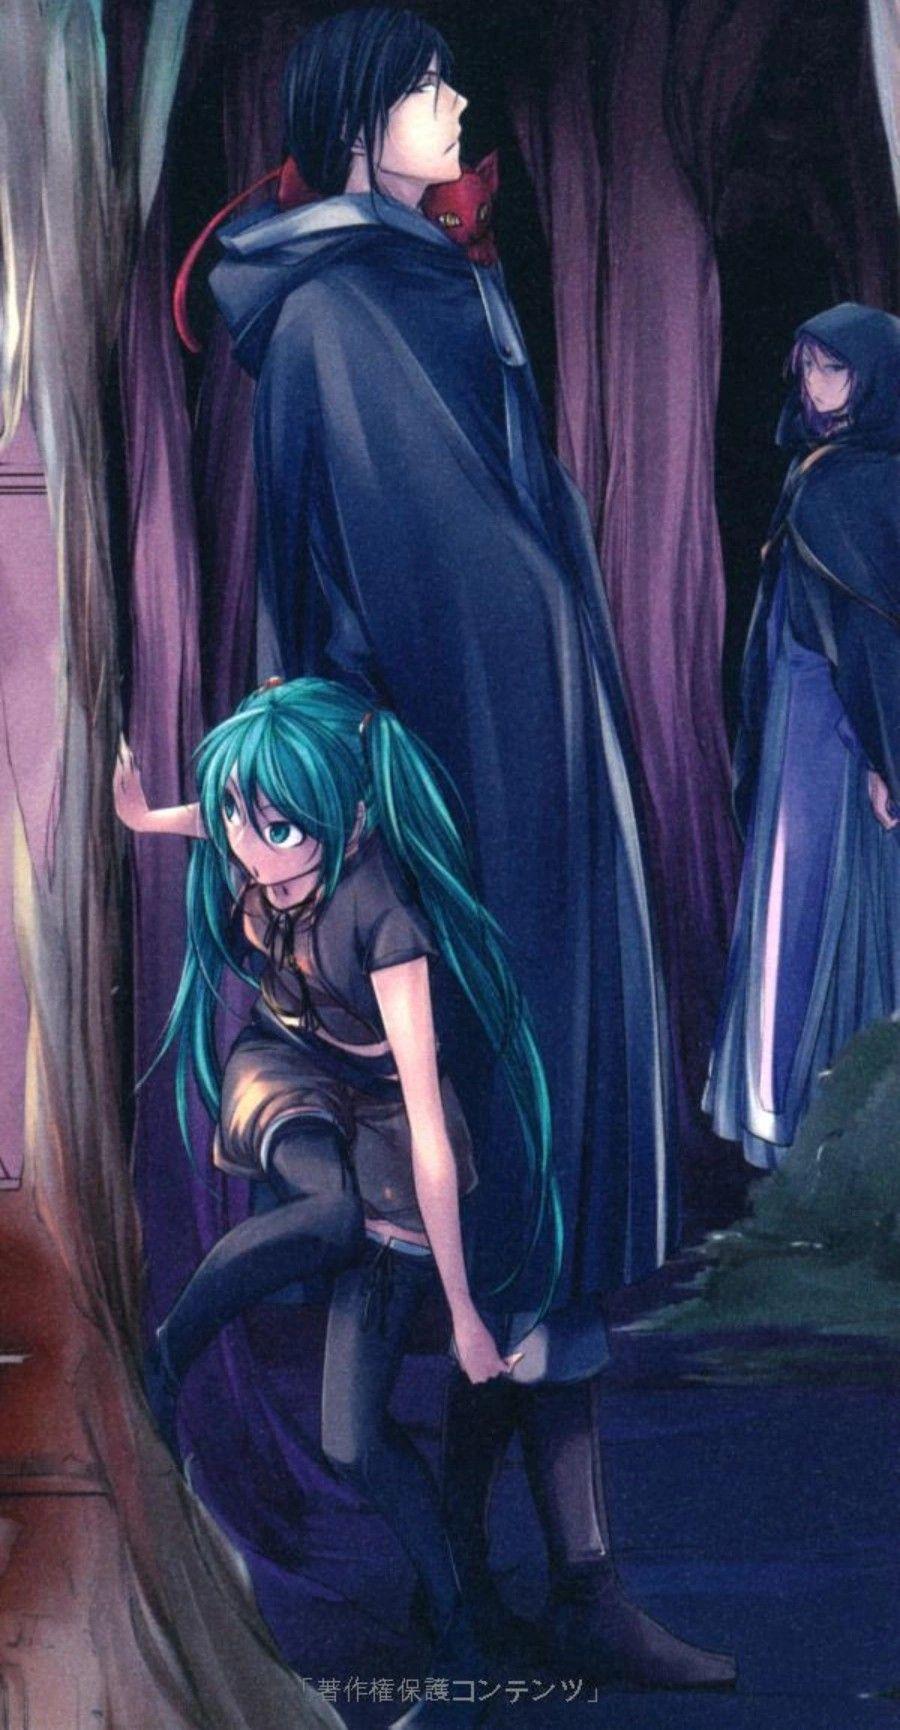 Ghim của Vũ Quỳnh trên Vocaloid Light novel, Vocaloid